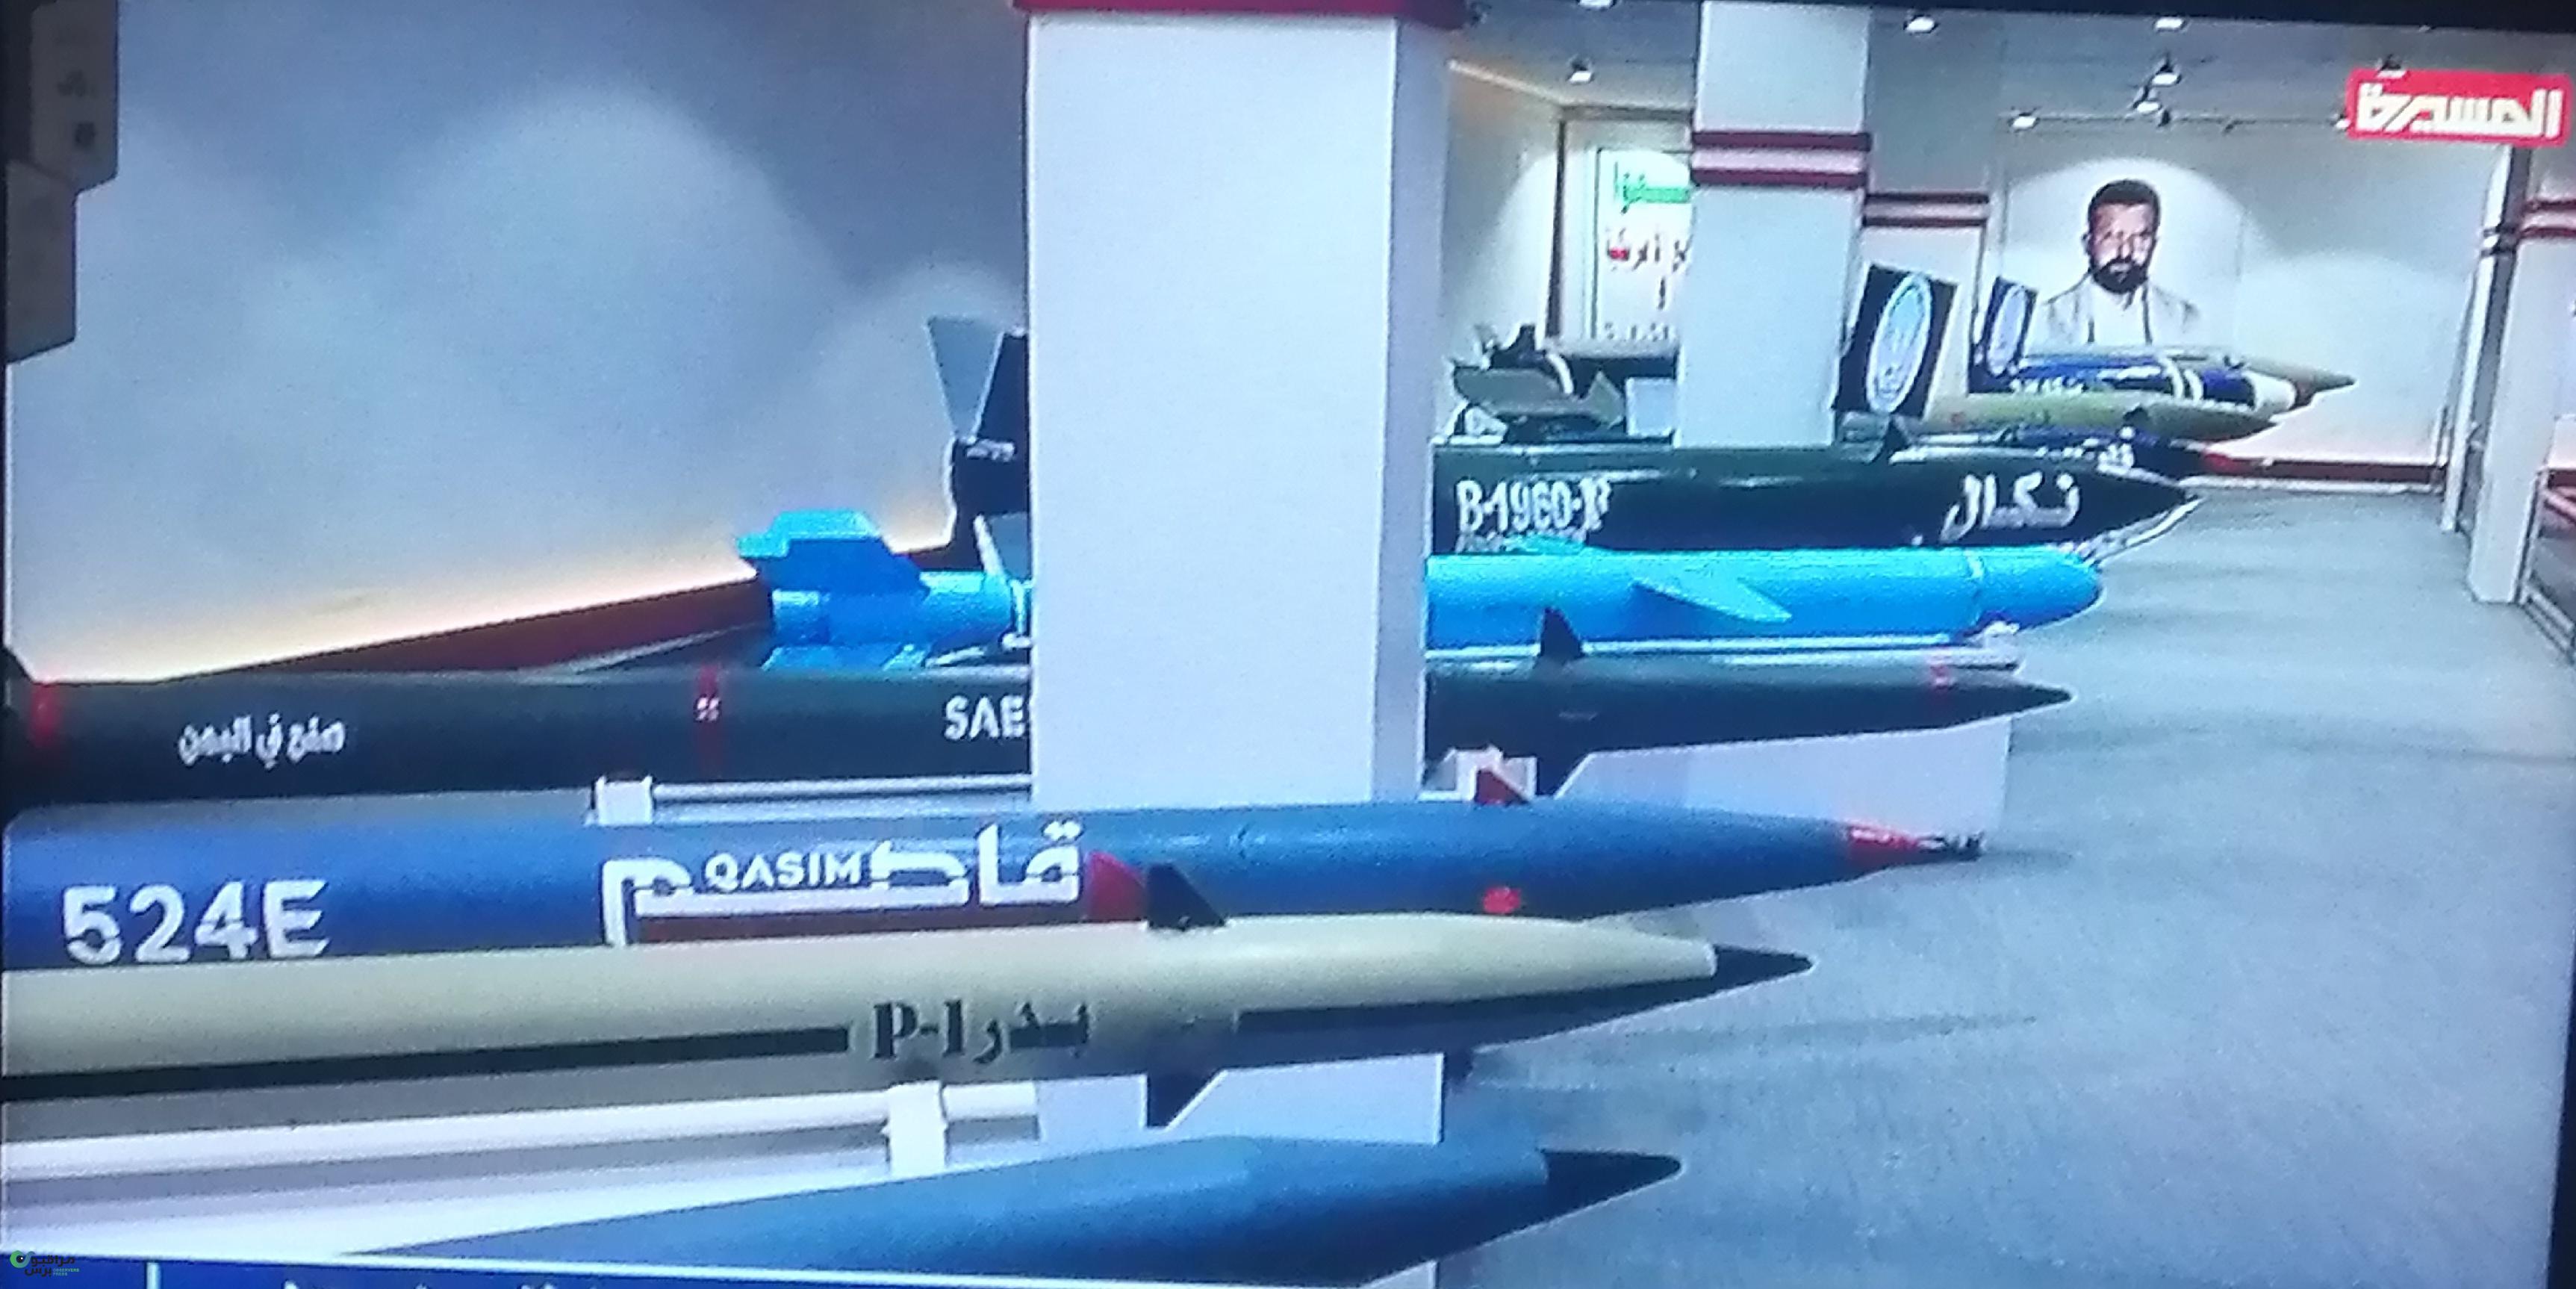 الحوثيون يكشفون جديد صواريخهم البالستية وطائراتهم المفخخة(صور)